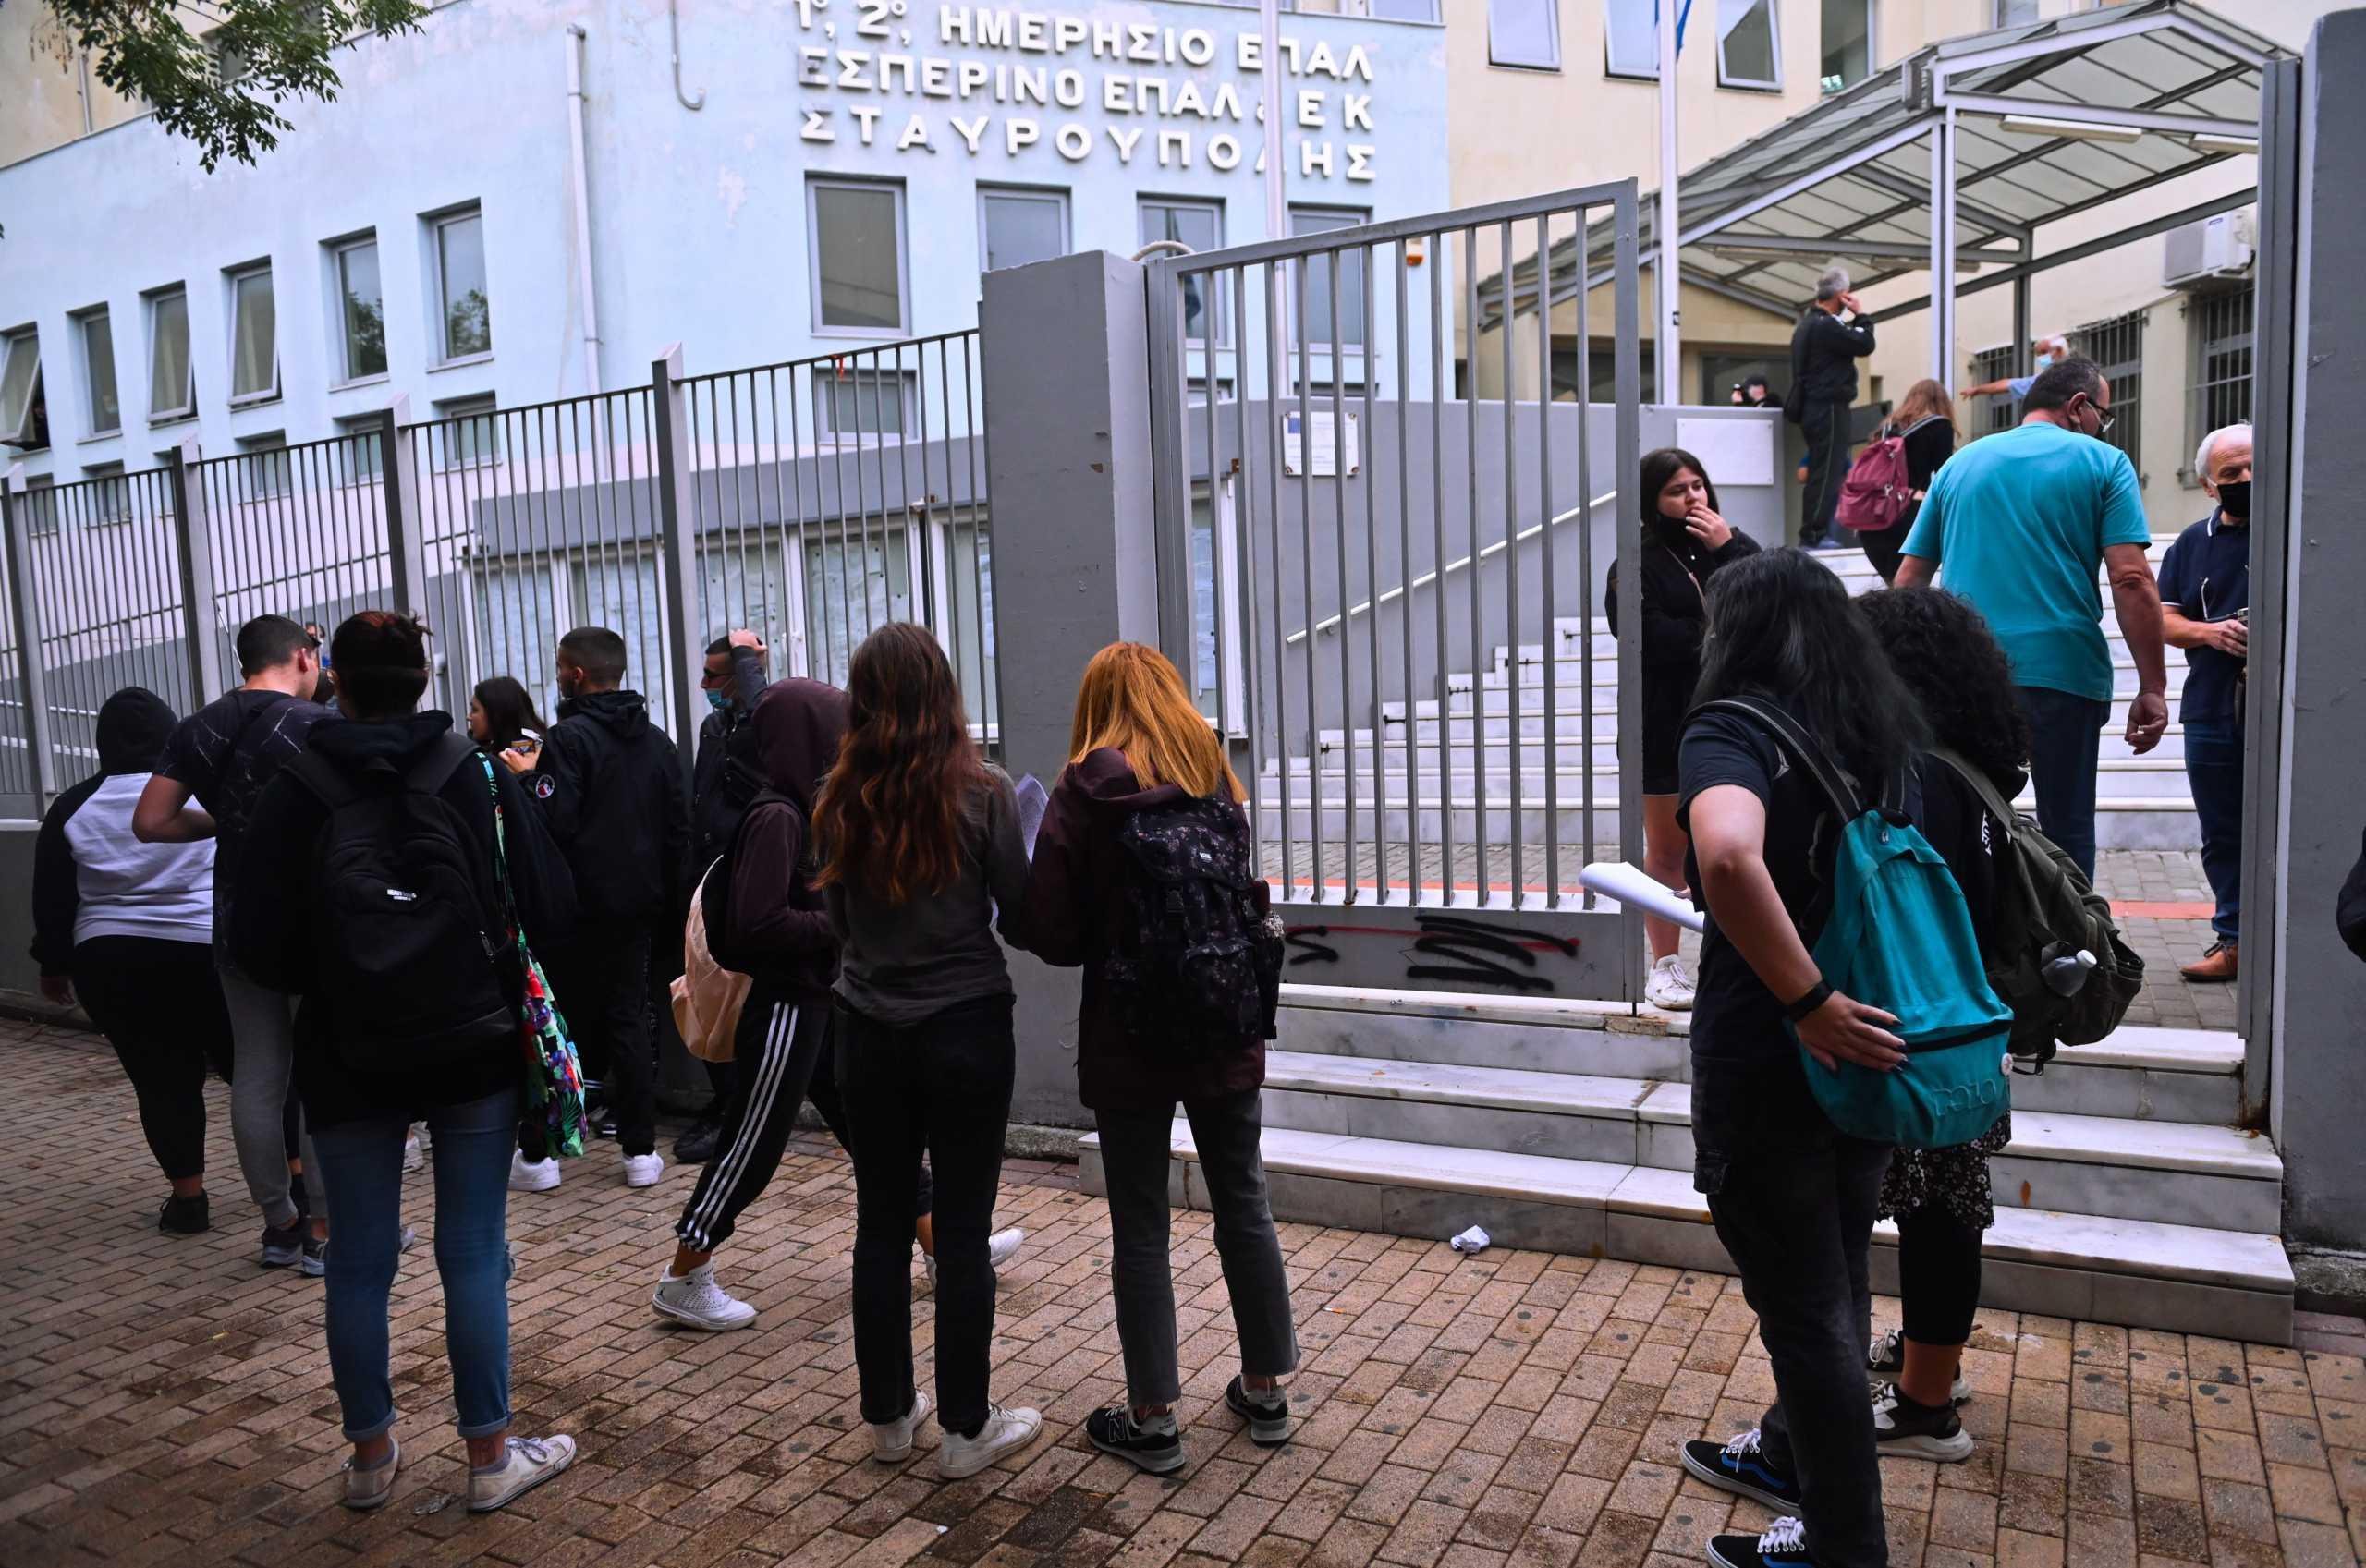 Θεσσαλονίκη – ΕΠΑΛ Σταυρούπολης: Επίθεση και σε μαθήτρια μέσα στο σχολείο από τους κουκουλοφόρους – 2 τραυματίες